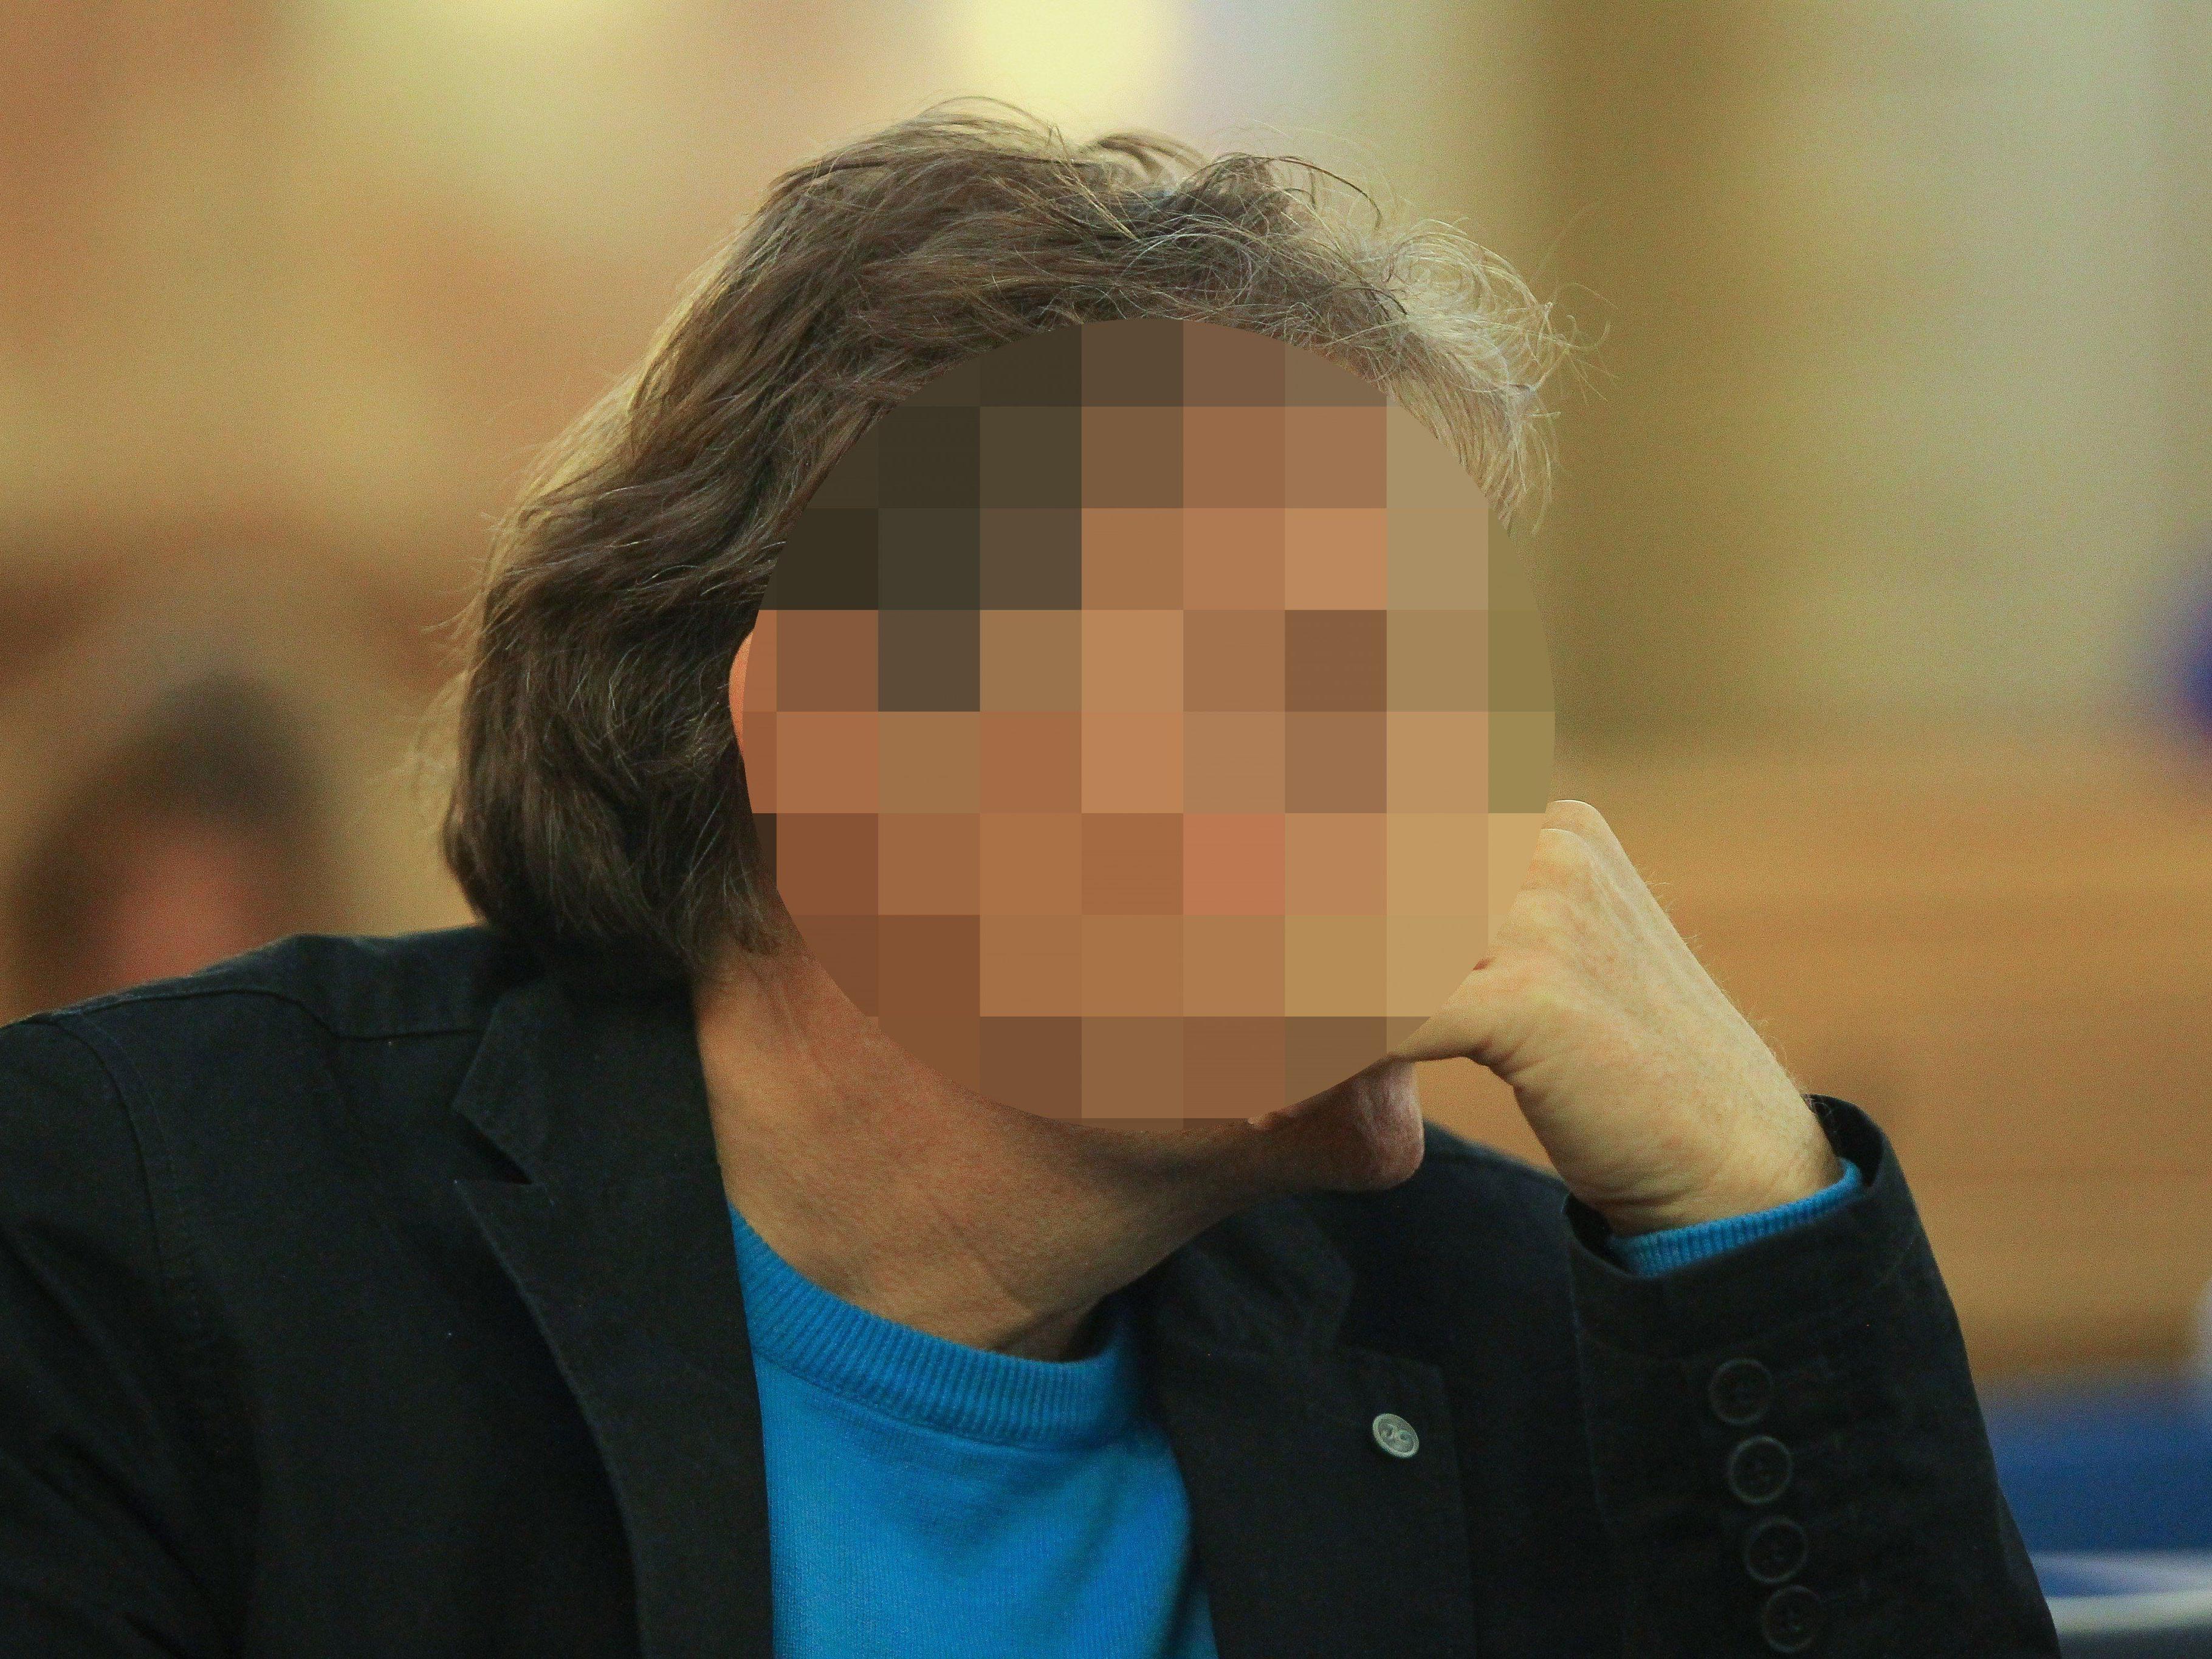 Kurt T. hat seine Verurteilung zu drei Jahren teilbedingter Haft angenommen.